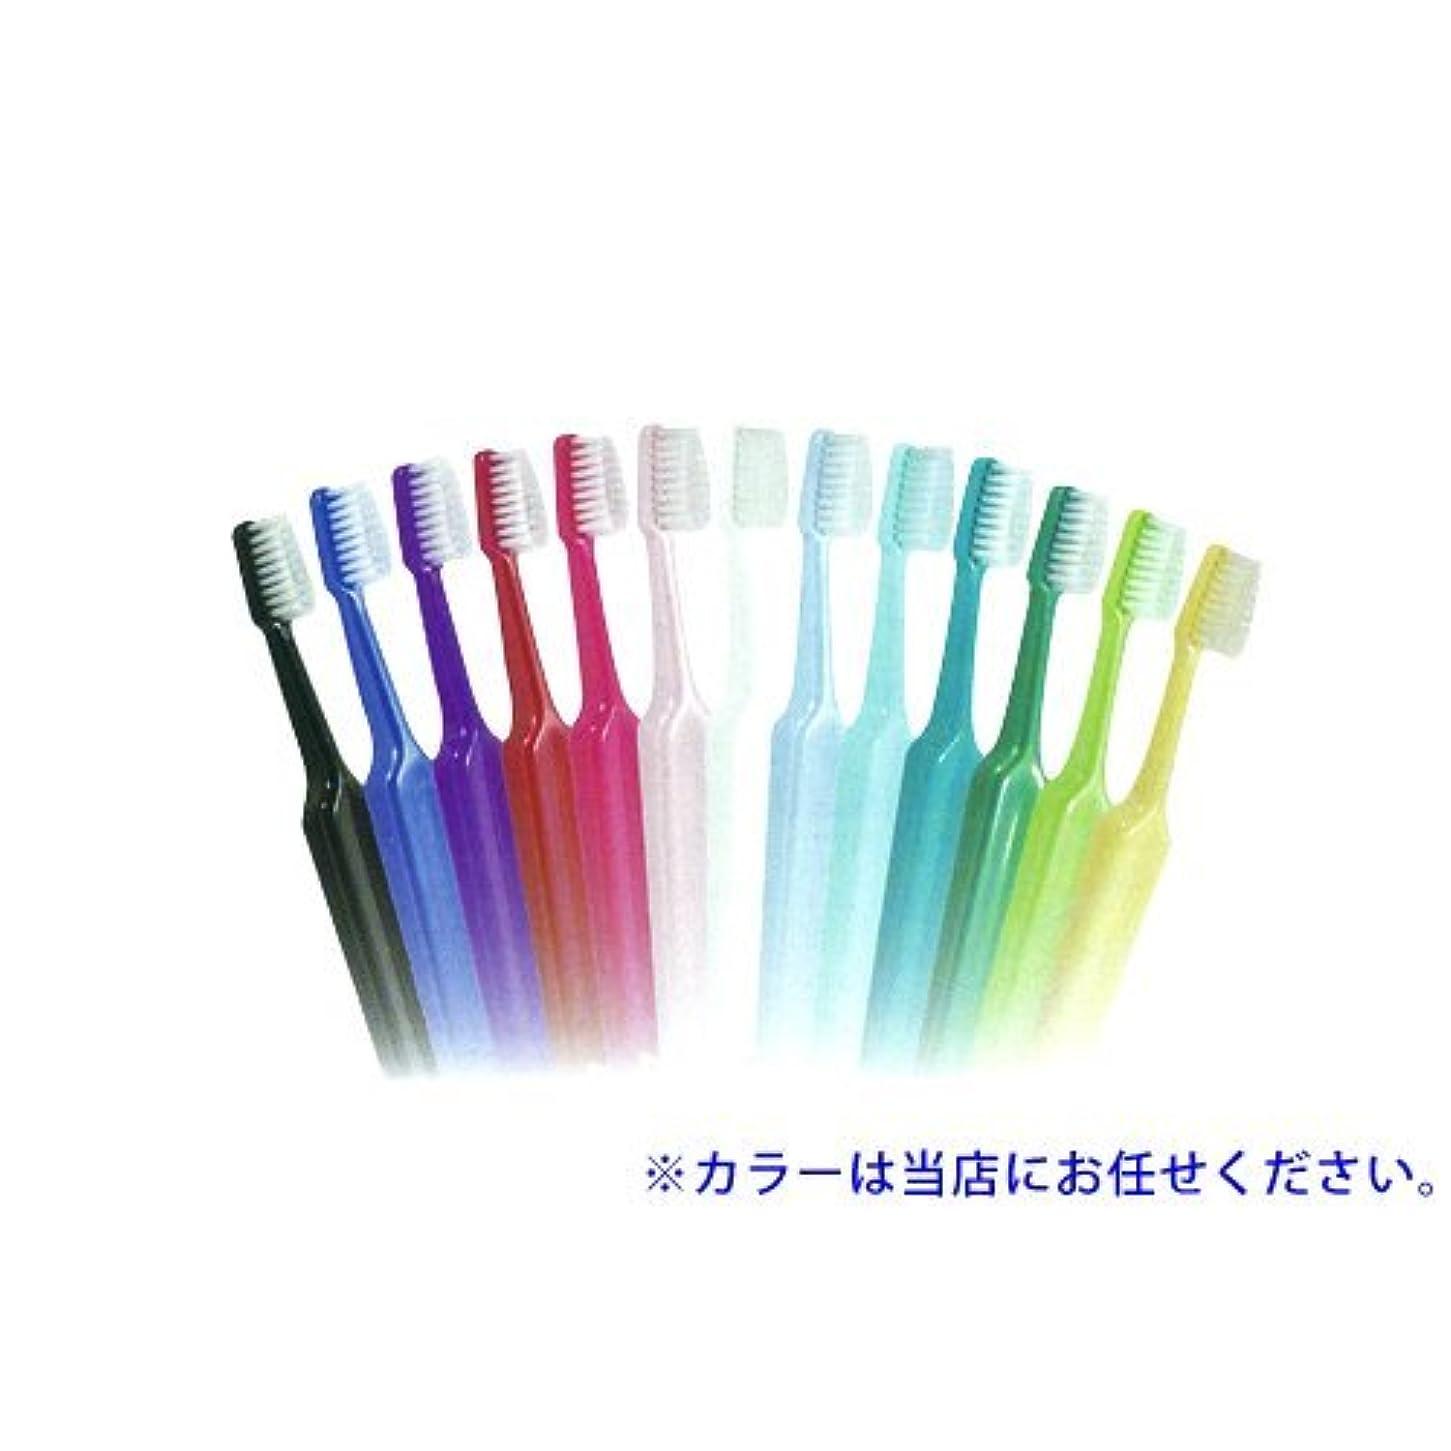 コート中絶挑発するクロスフィールド TePe テペ セレクト 歯ブラシ 1本 ソフト